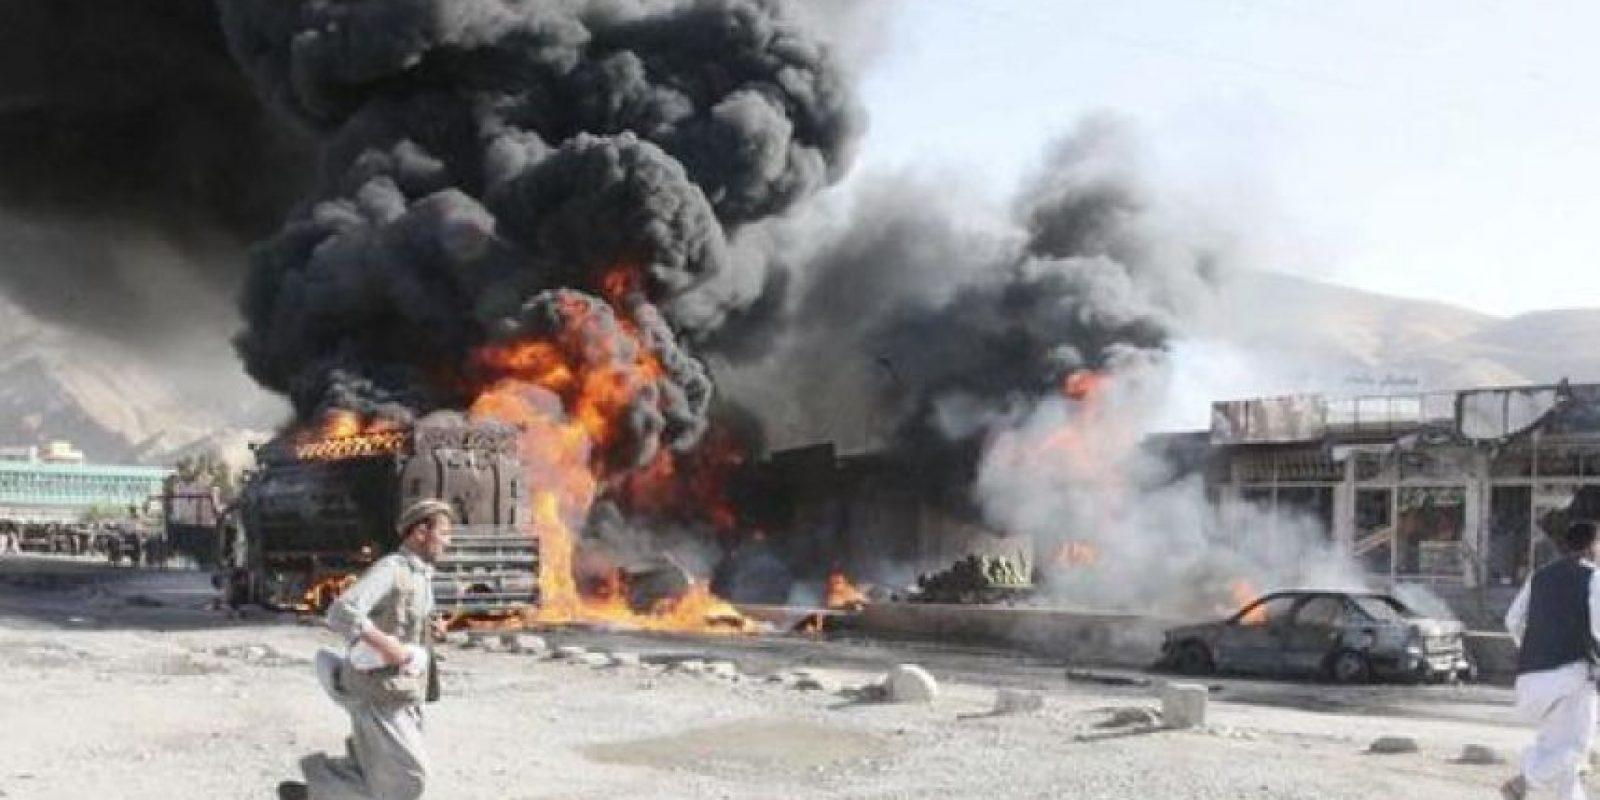 Según el diario The New York Times, había organizado una rebelión local contra los talibanes. Foto:Getty Images